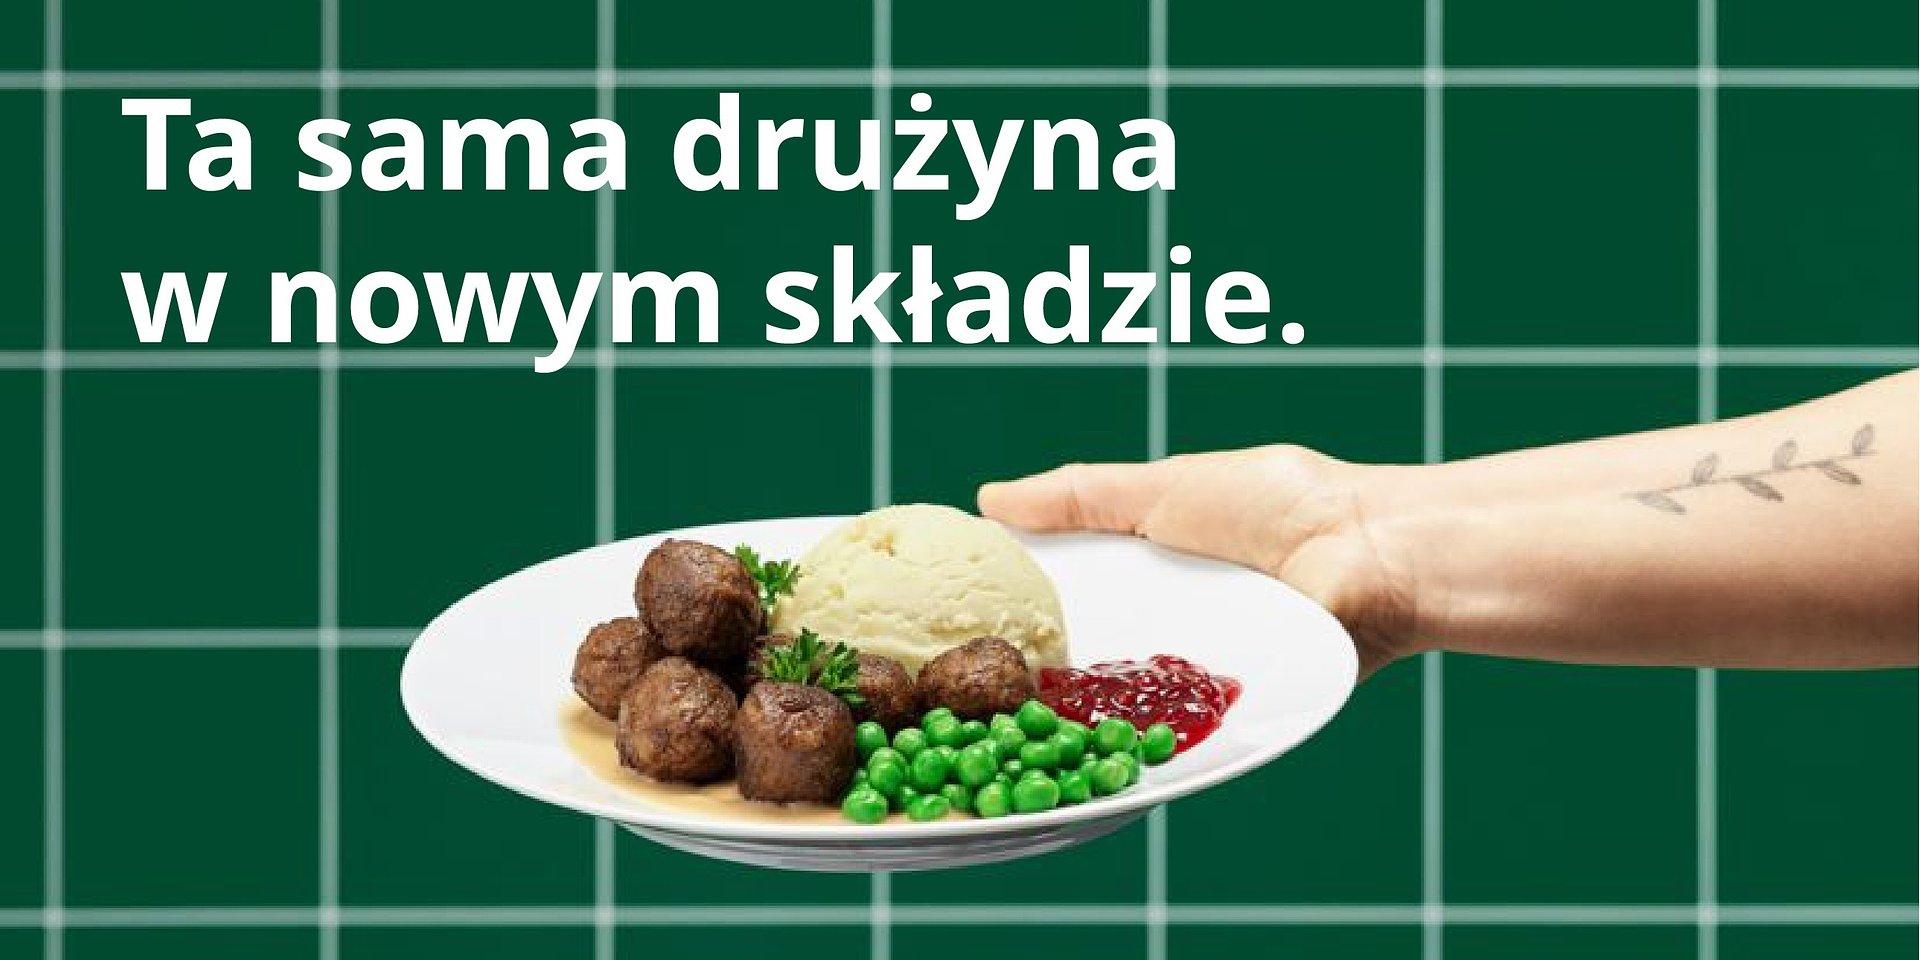 Kultowe klopsiki IKEA dla każdego, kto lubi ich smak, teraz w całkowicie roślinnej wersji! Ta sama drużyna w nowym składzie.